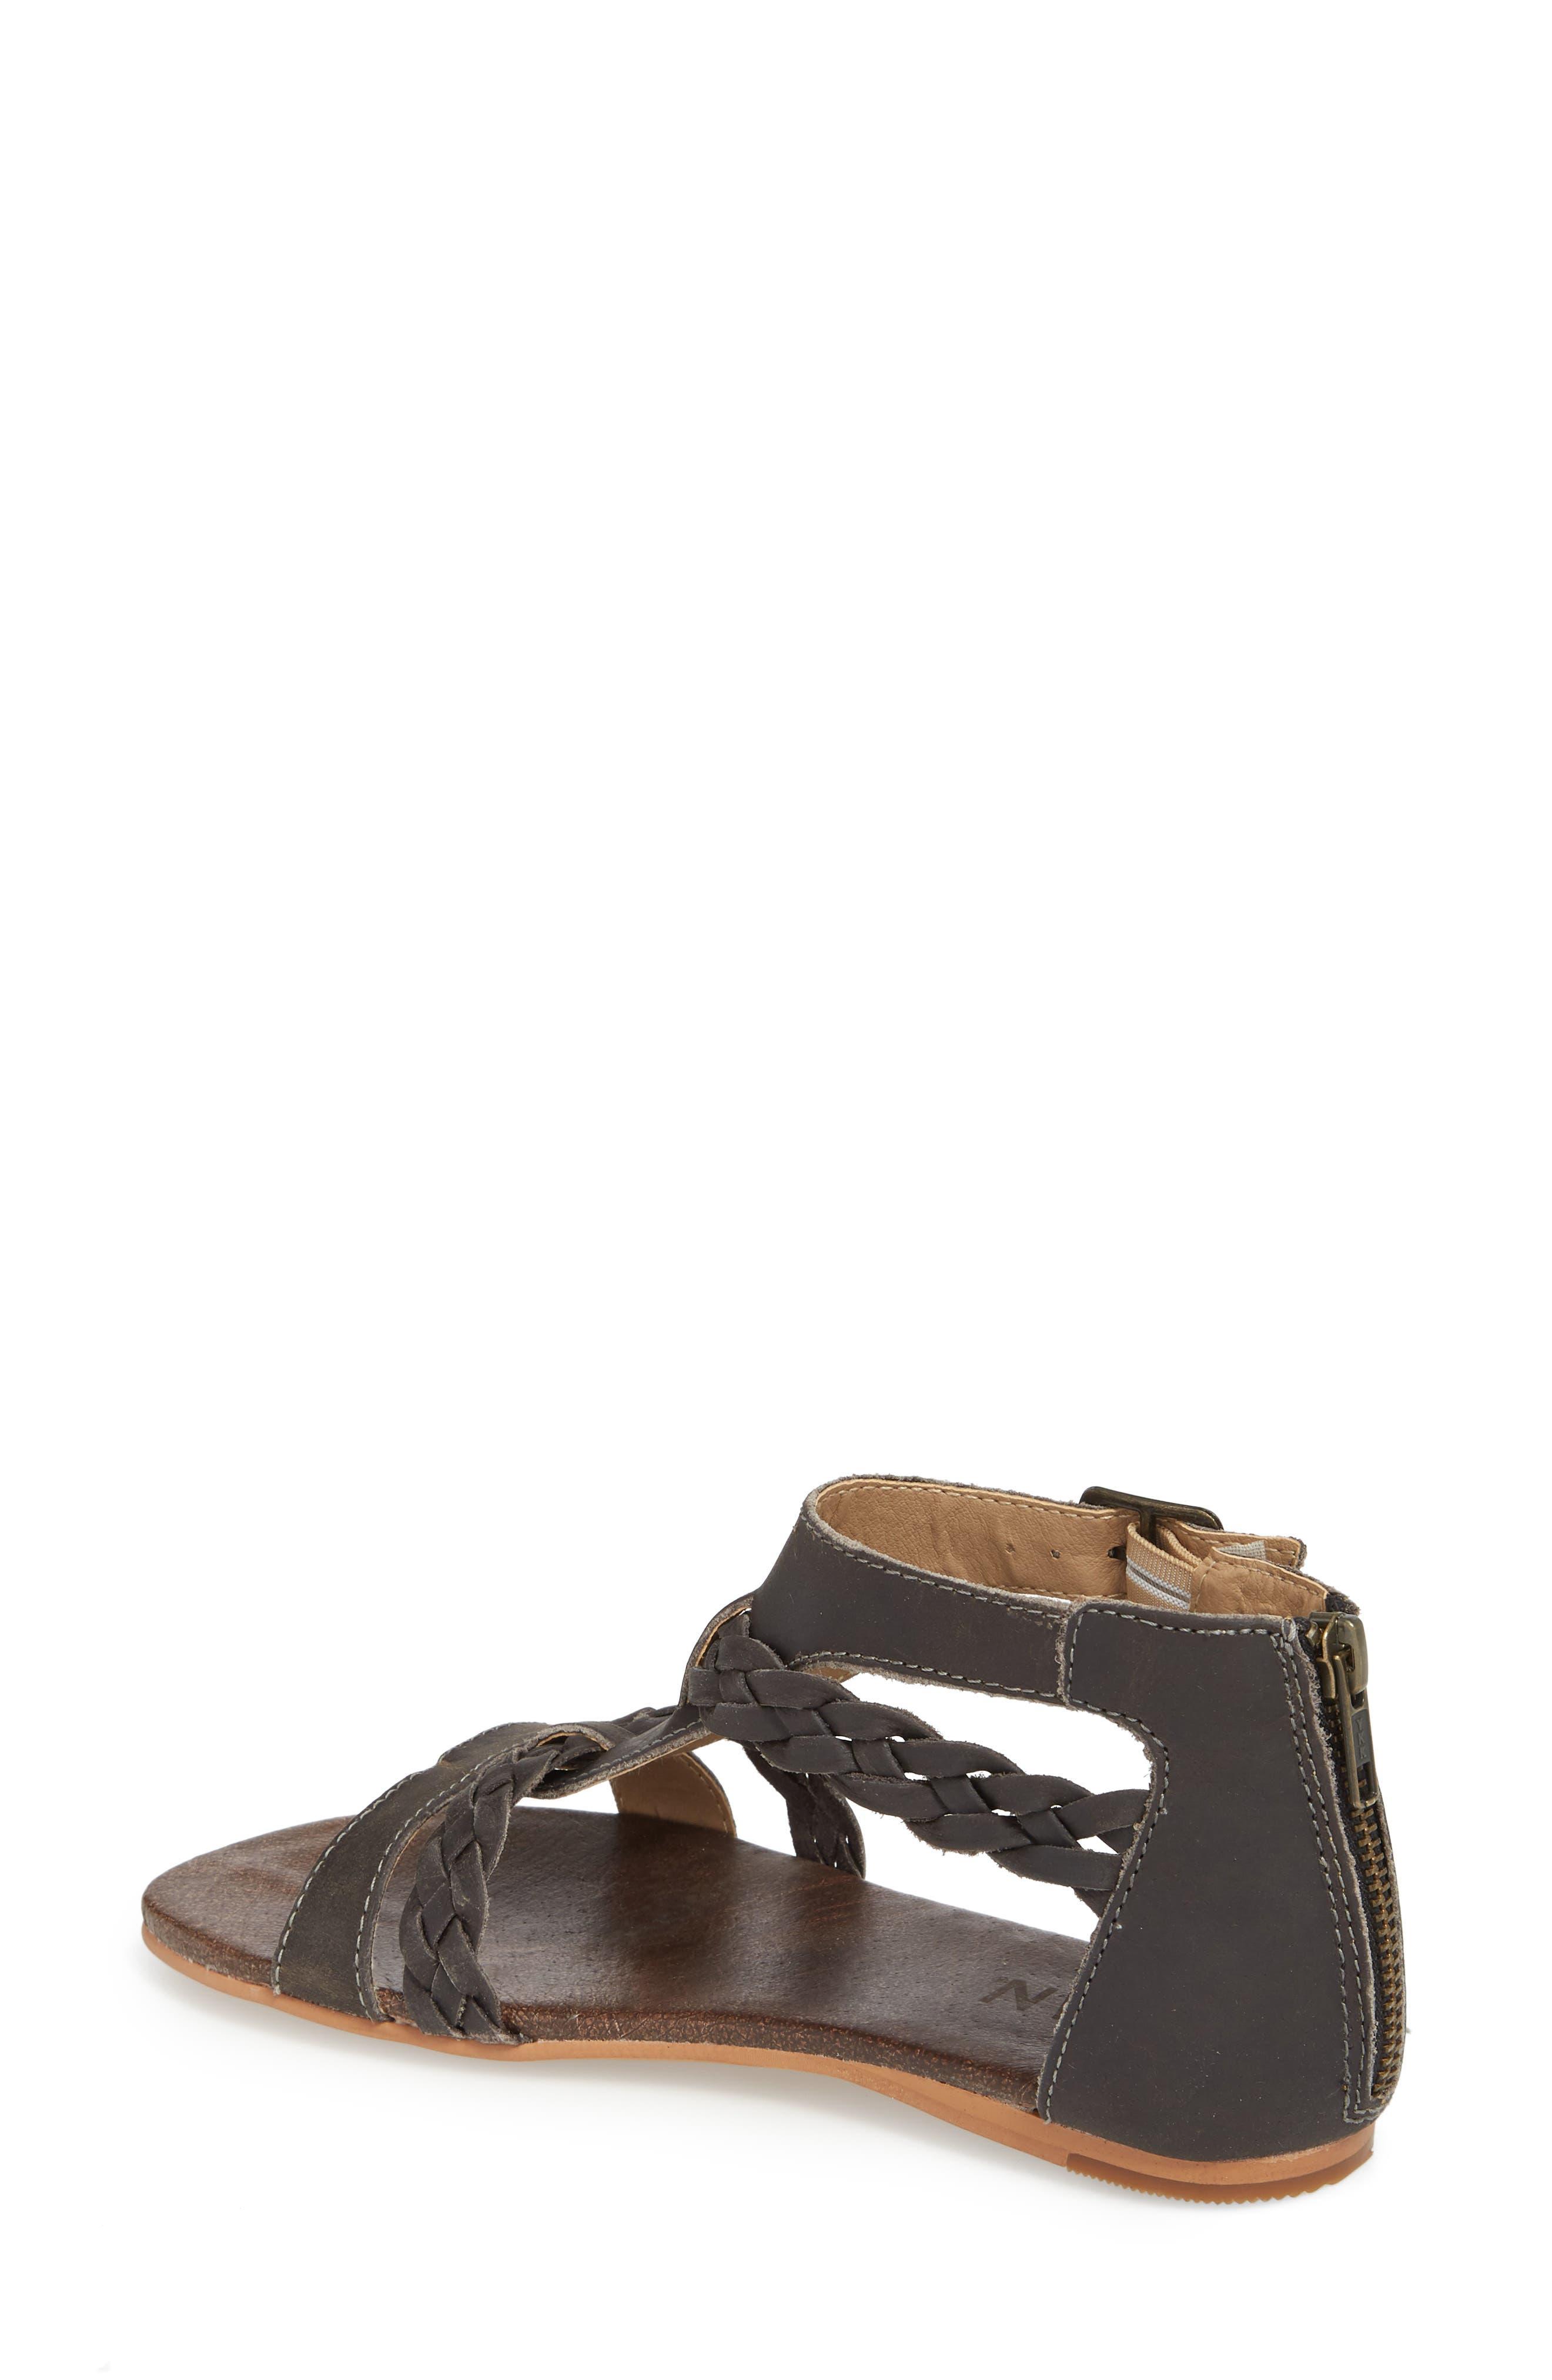 Posey Braided V-Strap Sandal,                             Alternate thumbnail 2, color,                             SYDNEY BLACK